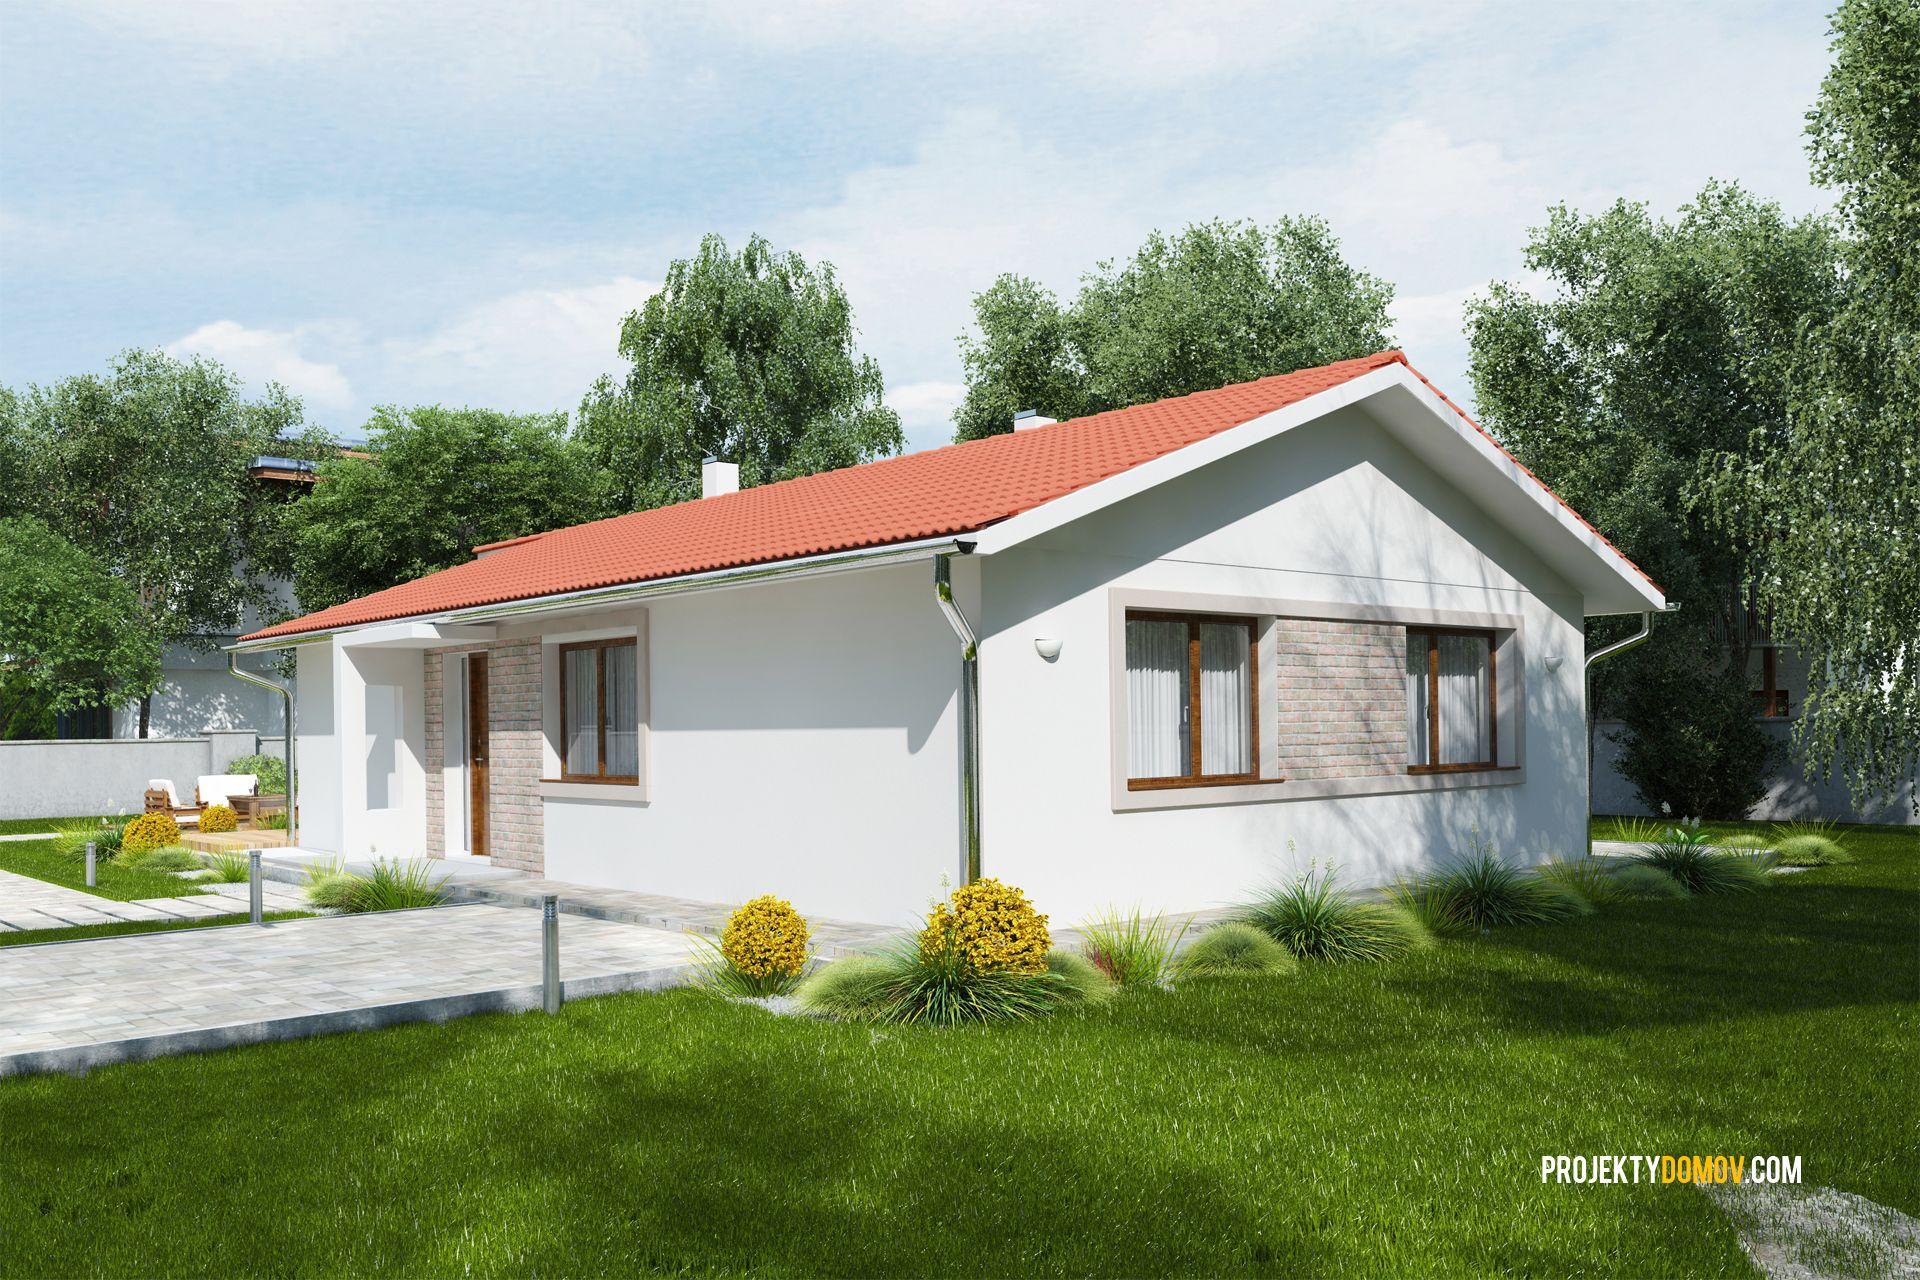 Nízkorozpočtový Projekt Domu Bungalov Na úzke Pozemky House